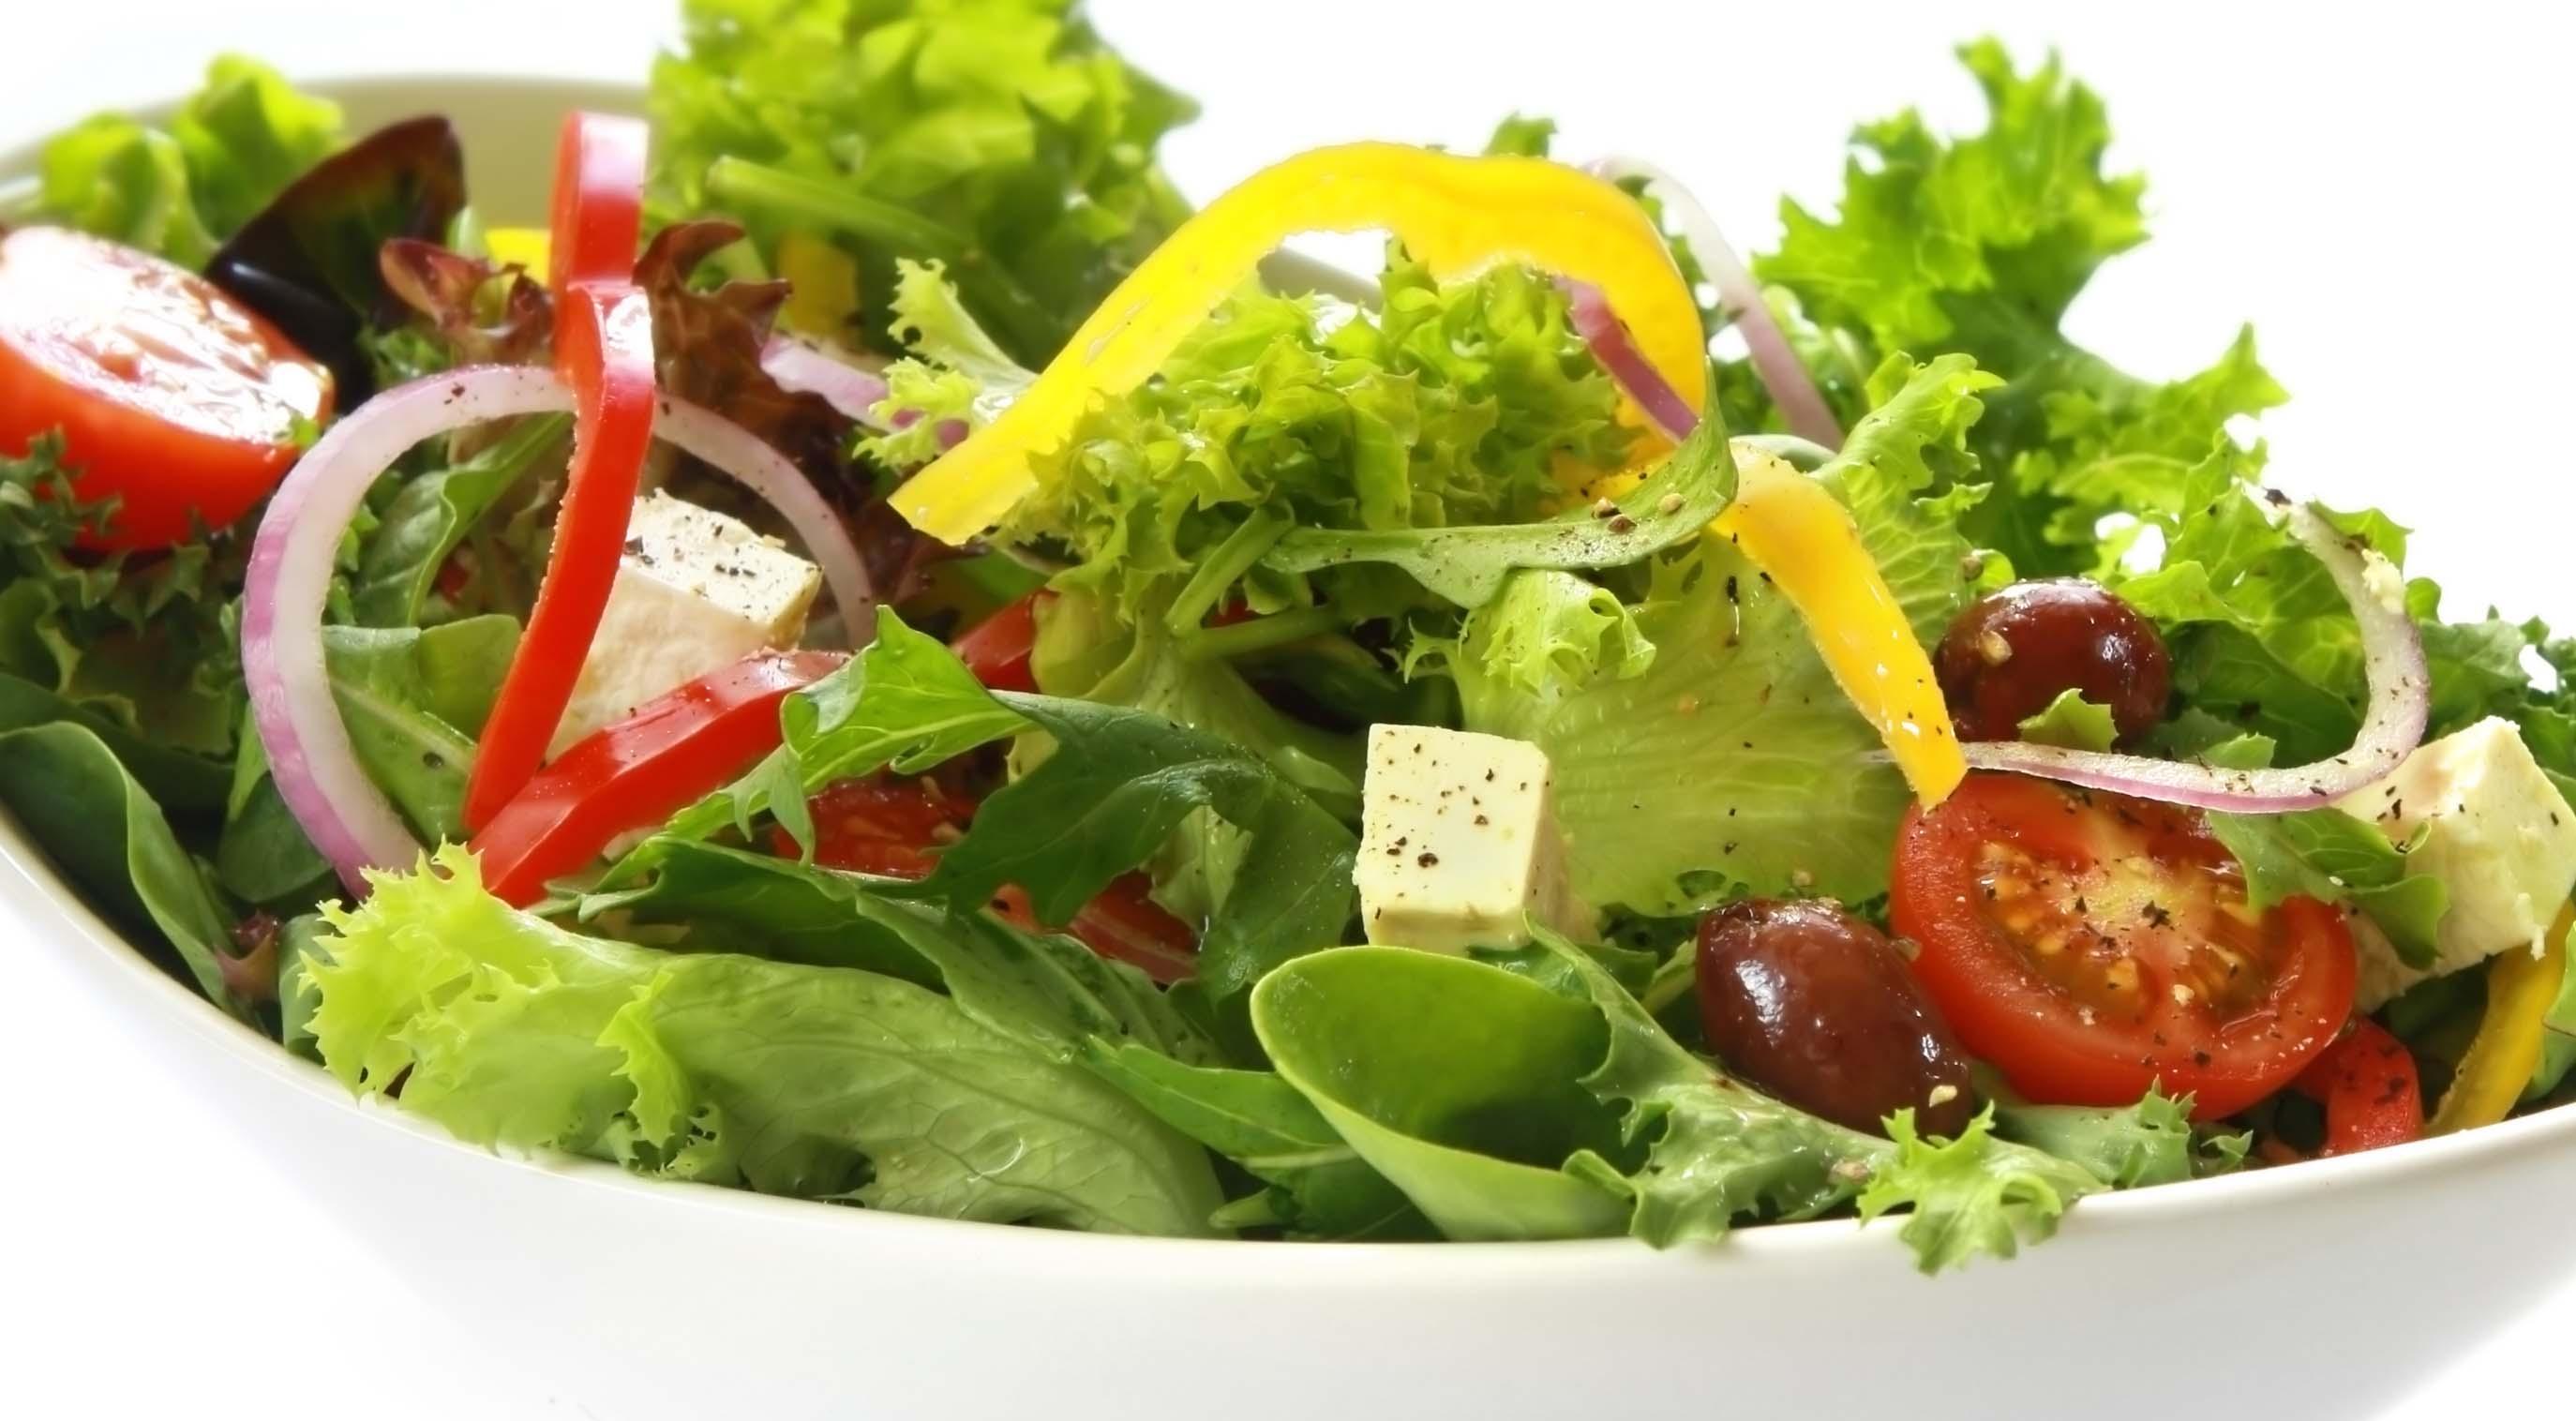 Salad Fotolia_14635653